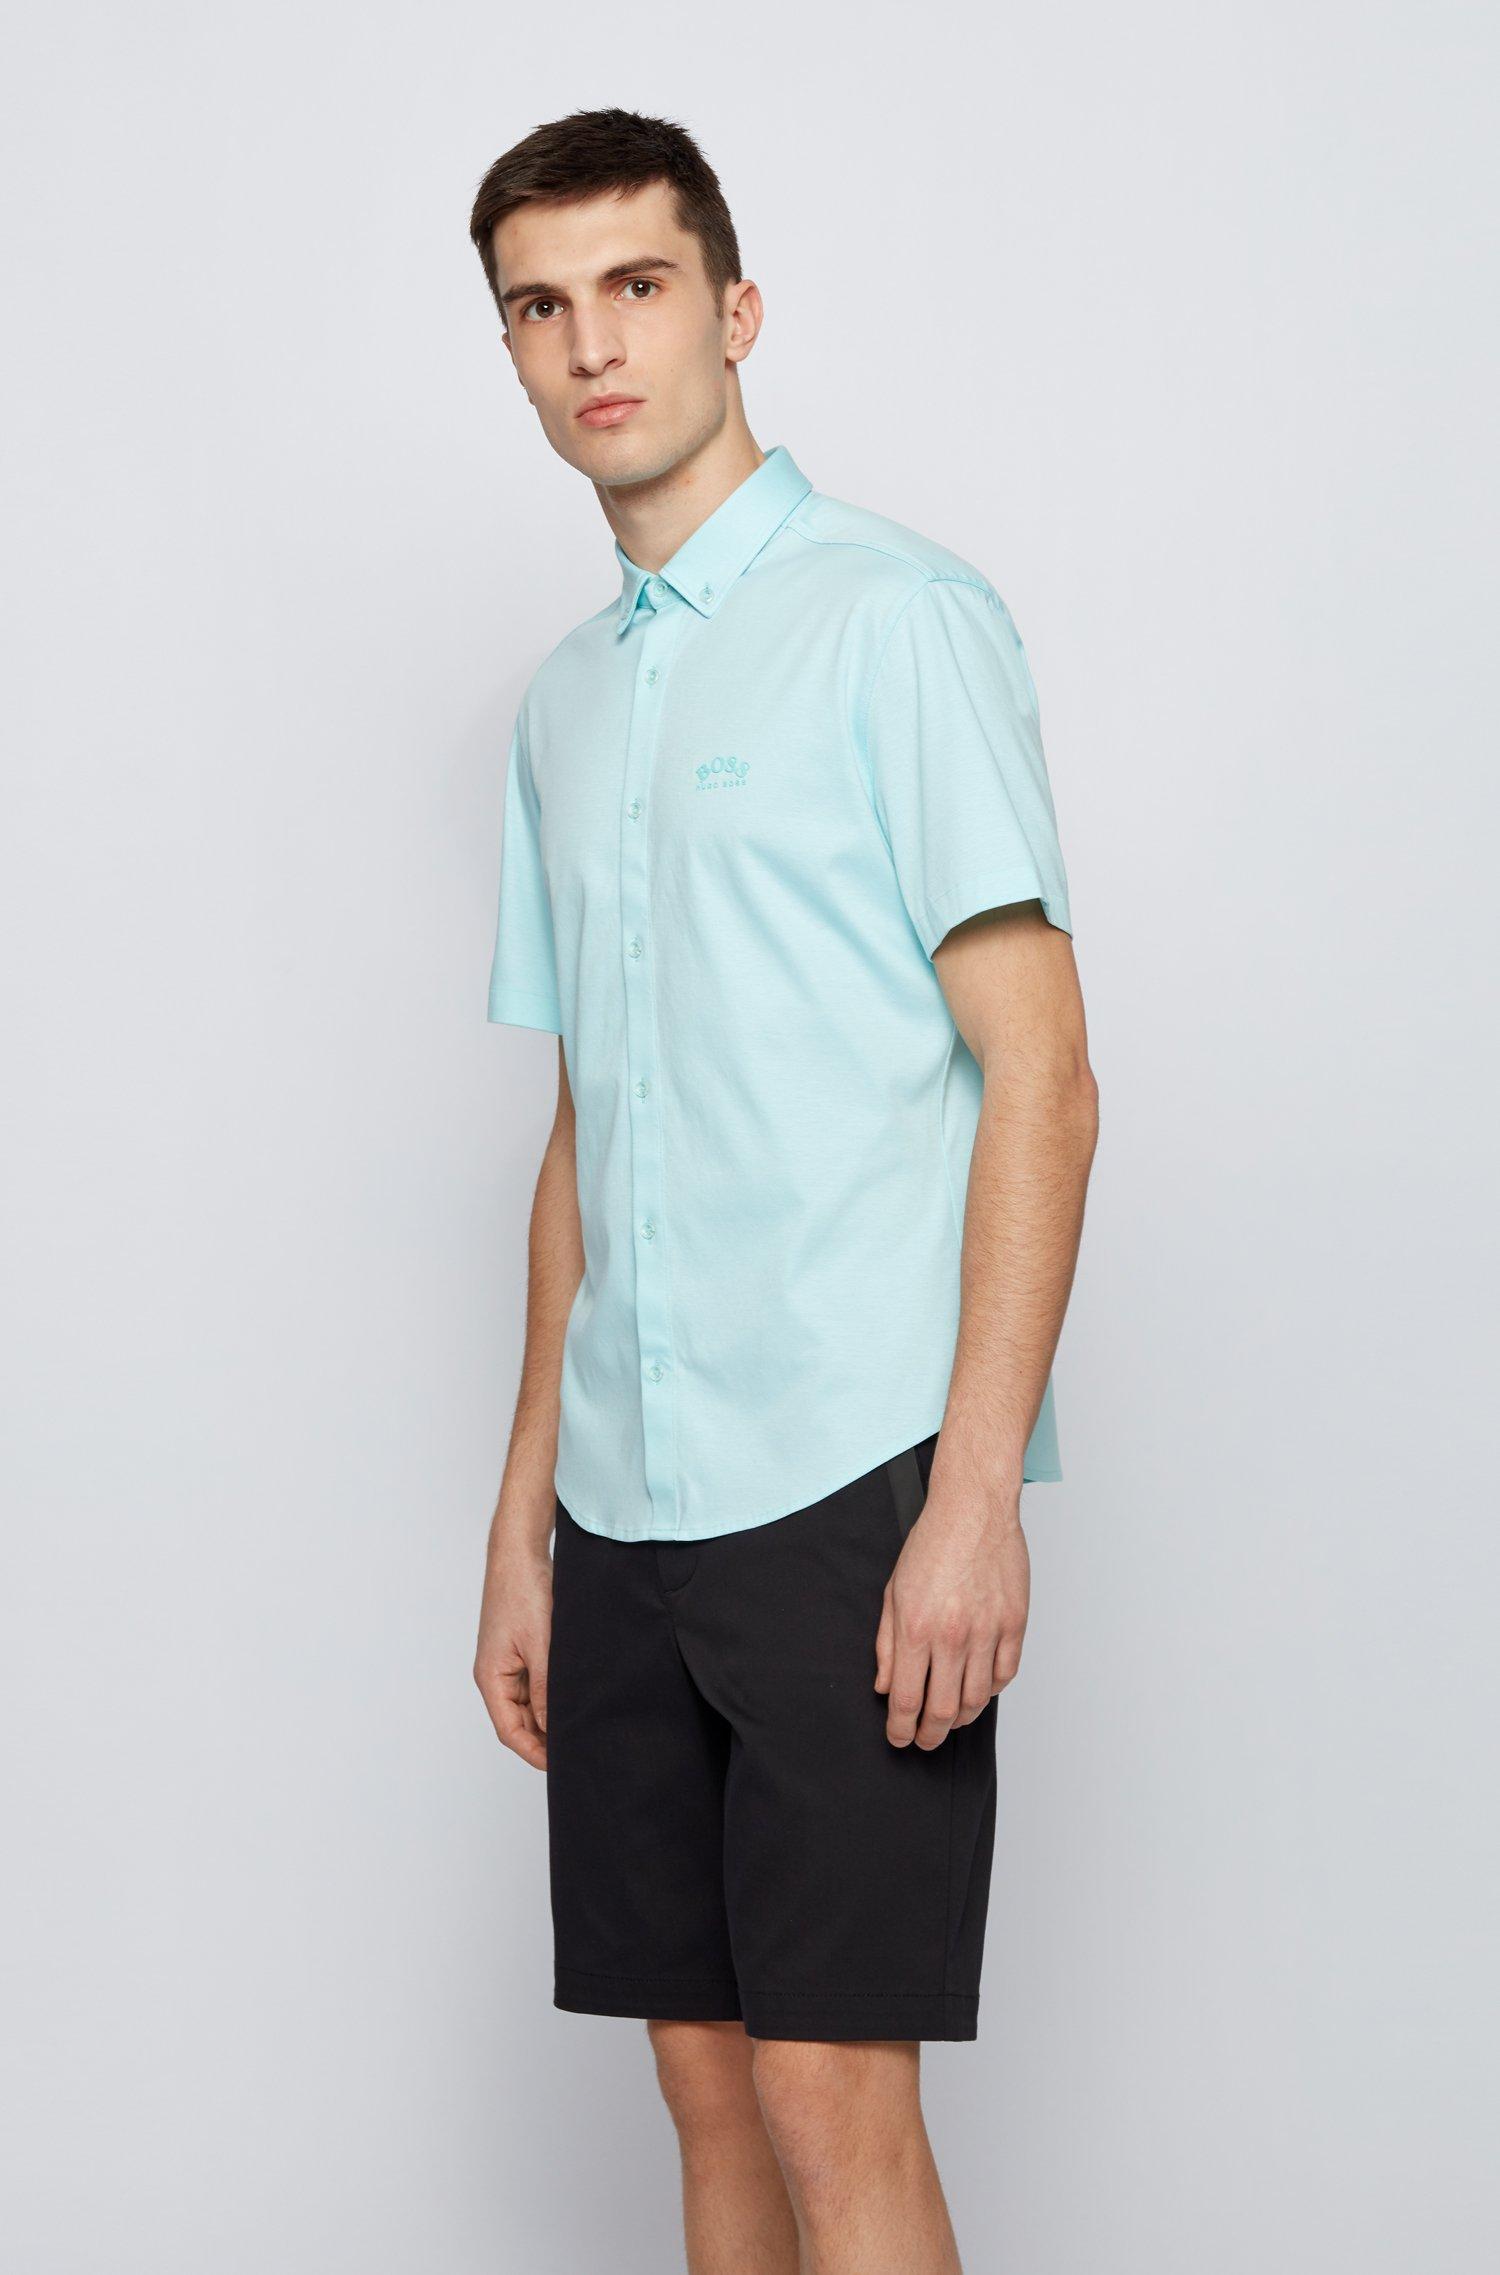 Chemise Regular Fit à manches courtes avec logo incurvé, bleu clair